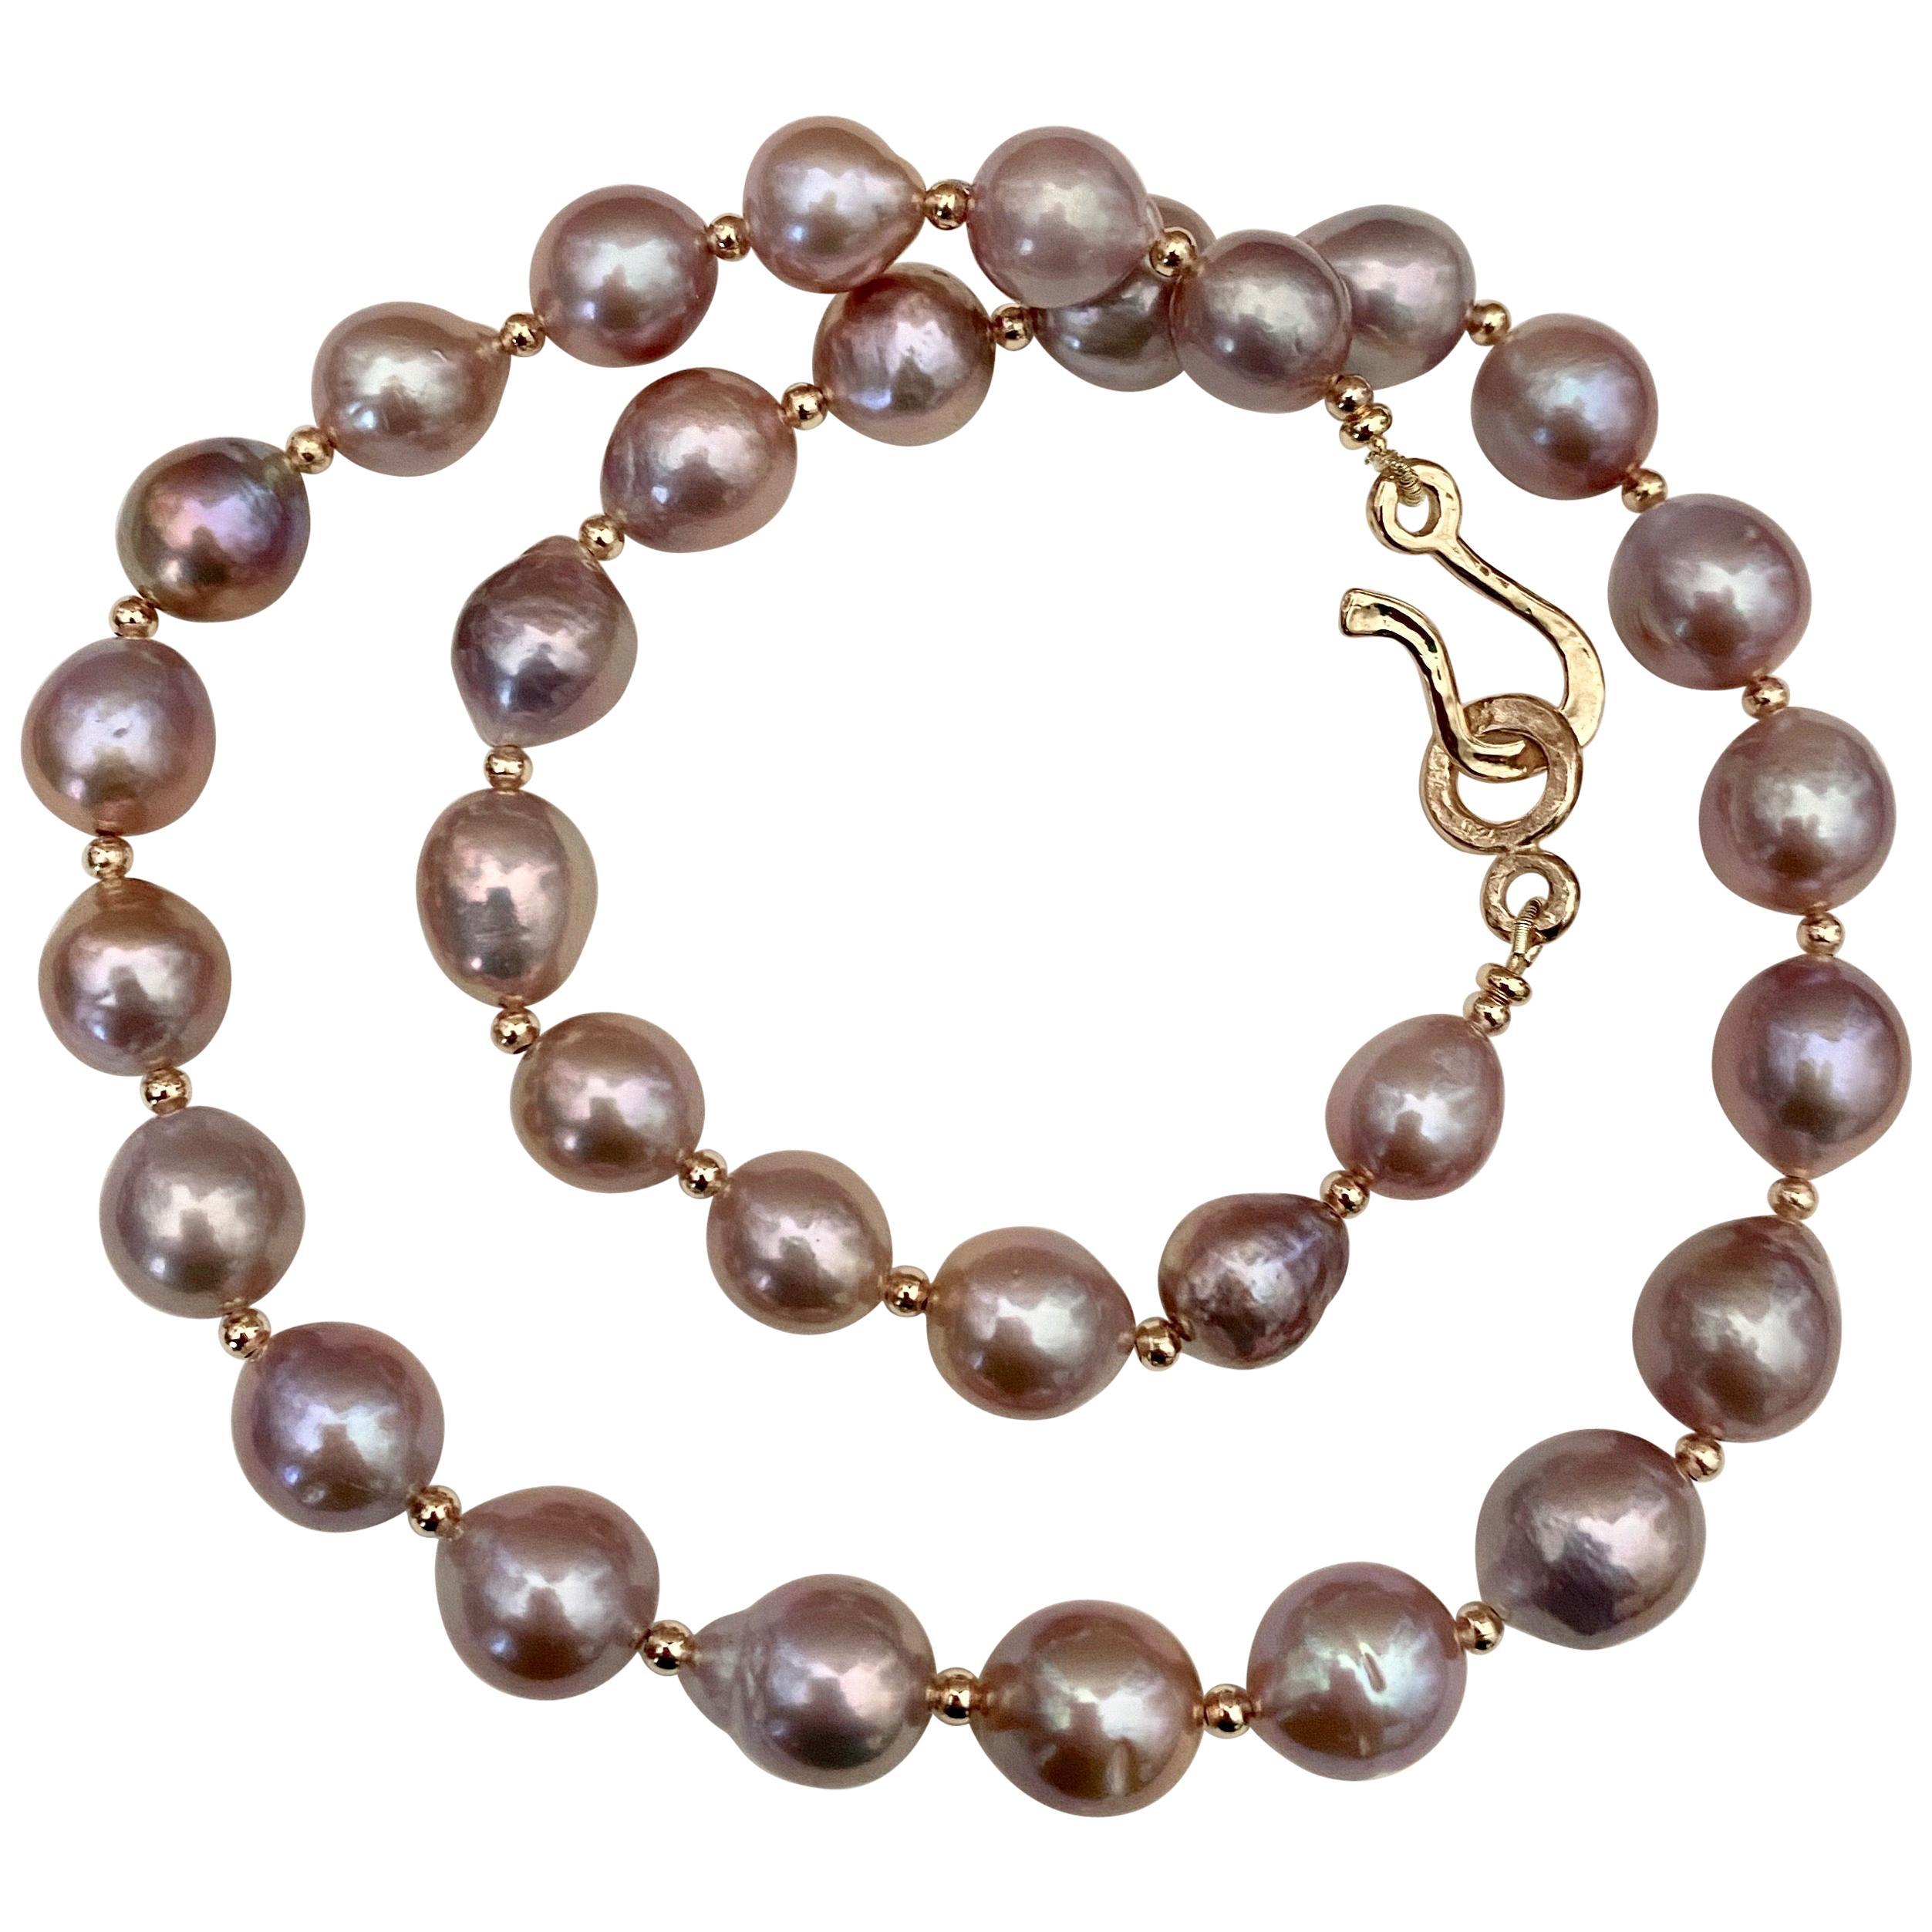 Michael Kneebone Lavender Baroque Pearl Necklace